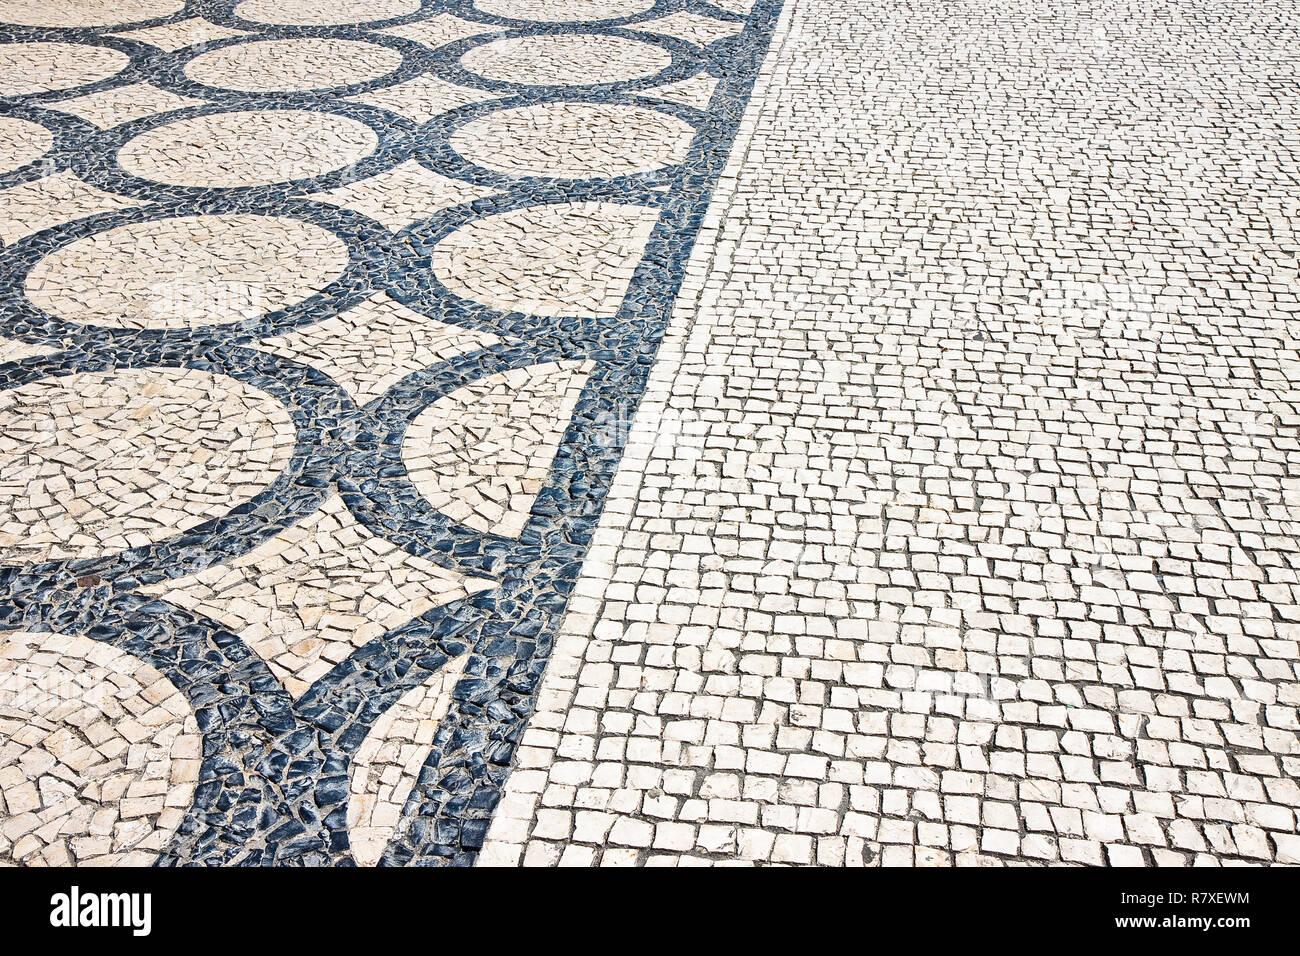 Fußboden Aus Stein ~ Typisch portugiesische fußboden aus kleinen stücke von schwarzen